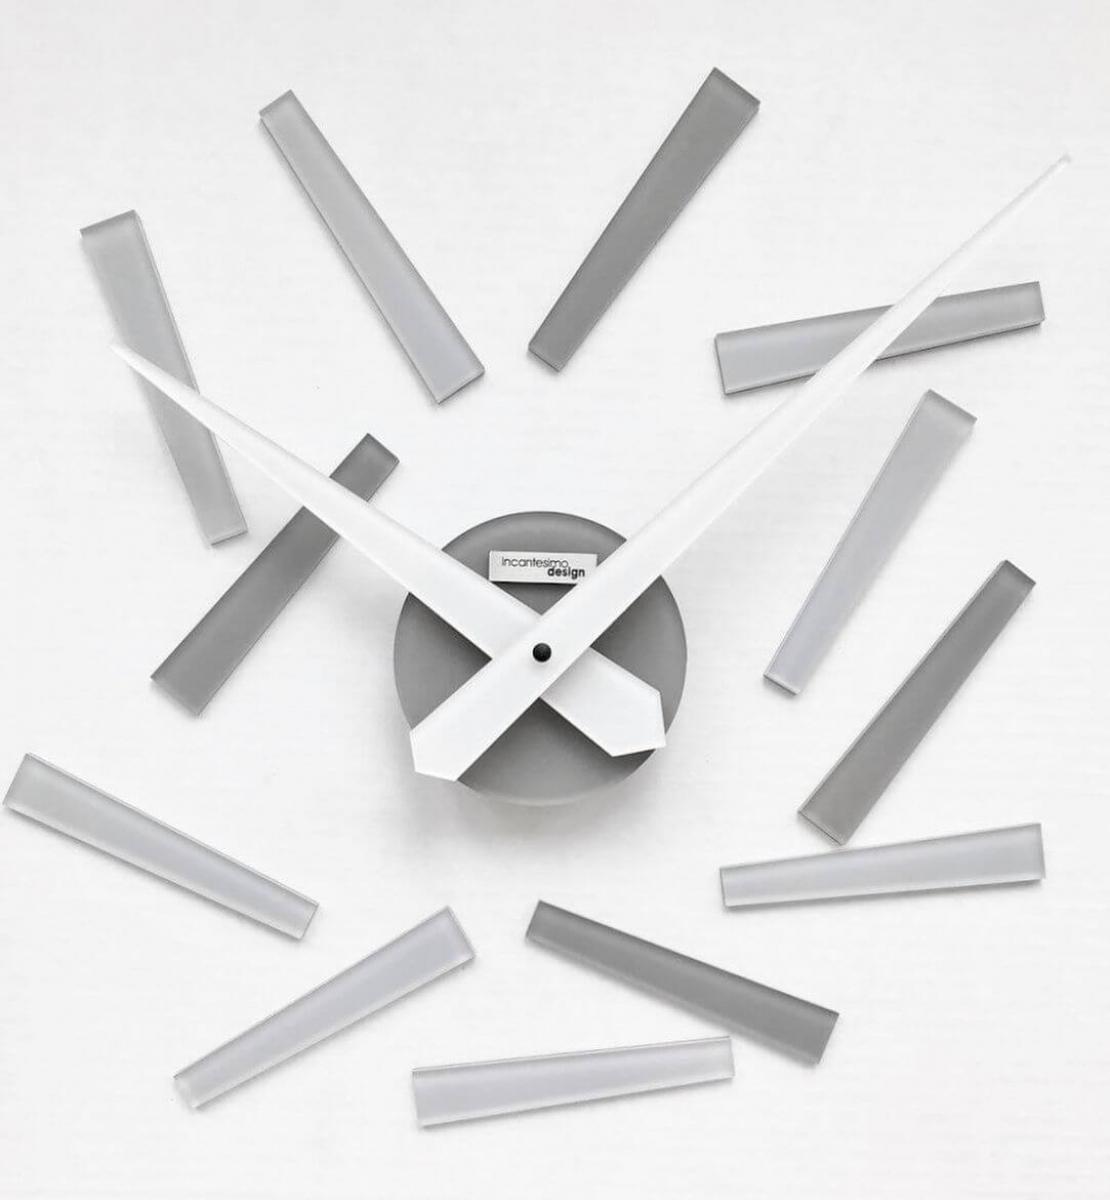 Настенные модульные часы Incantesimo Design  212 GTT  Dominus